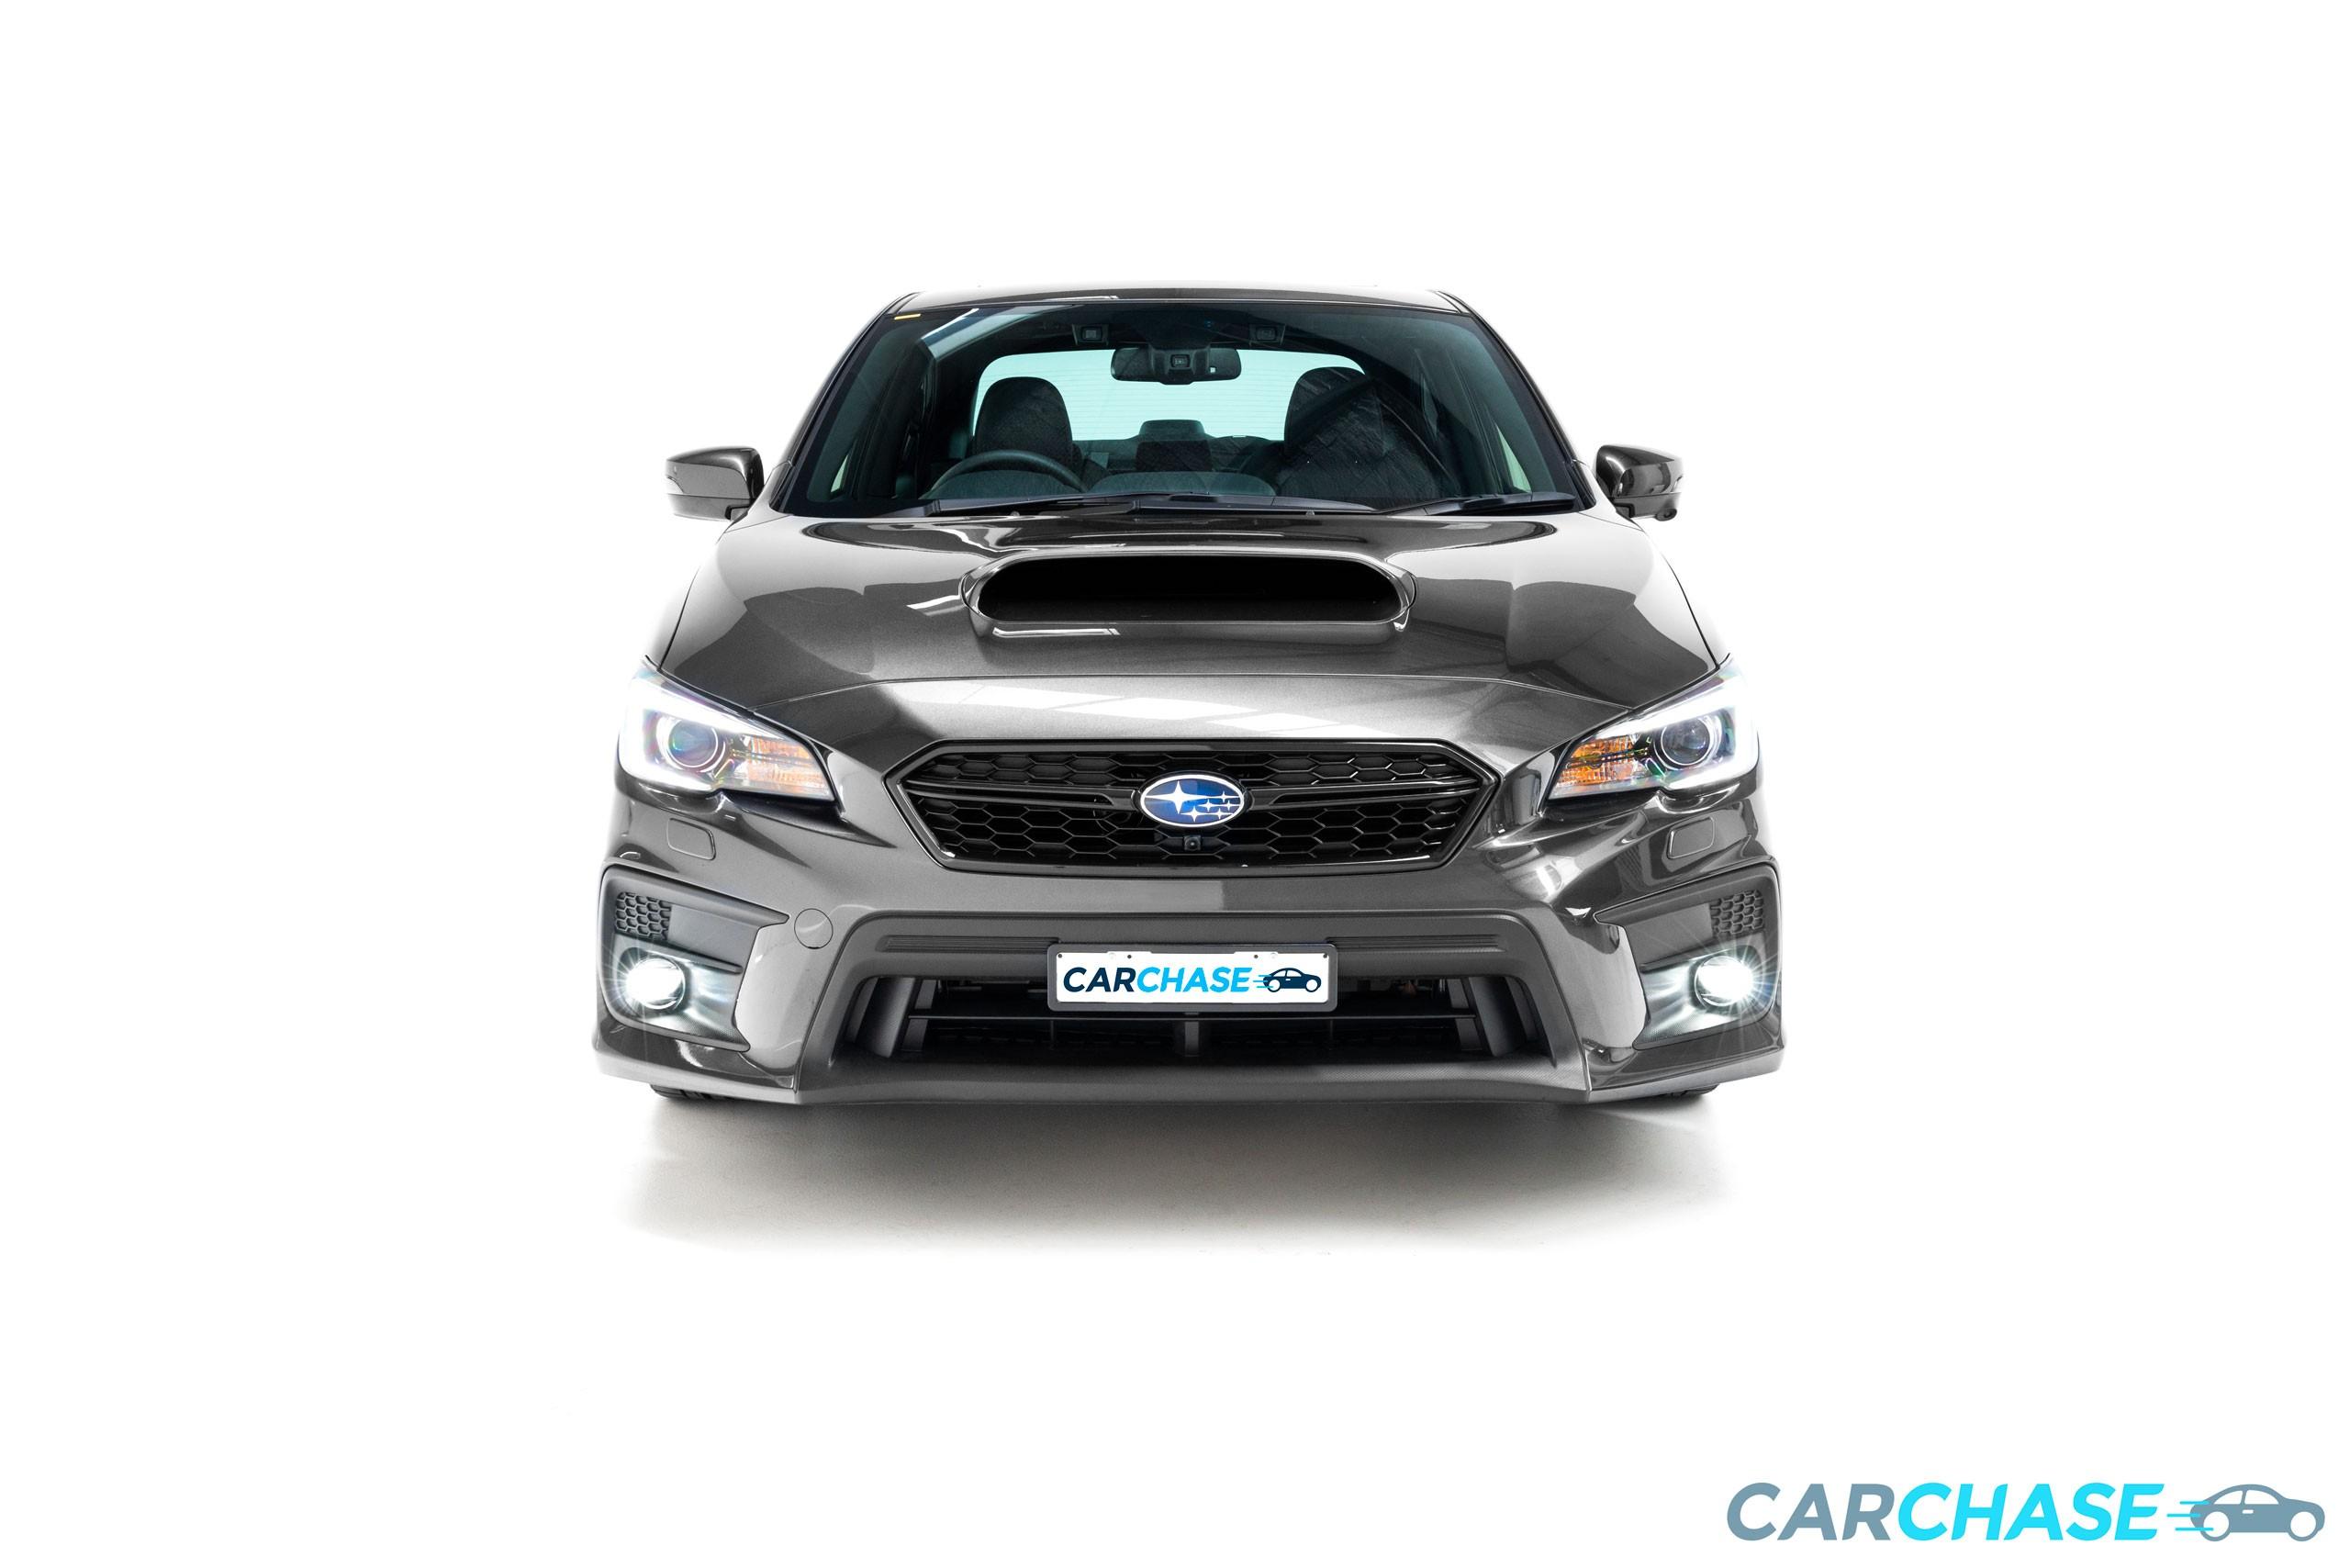 Image of front profile of 2018 Subaru WRX Premium